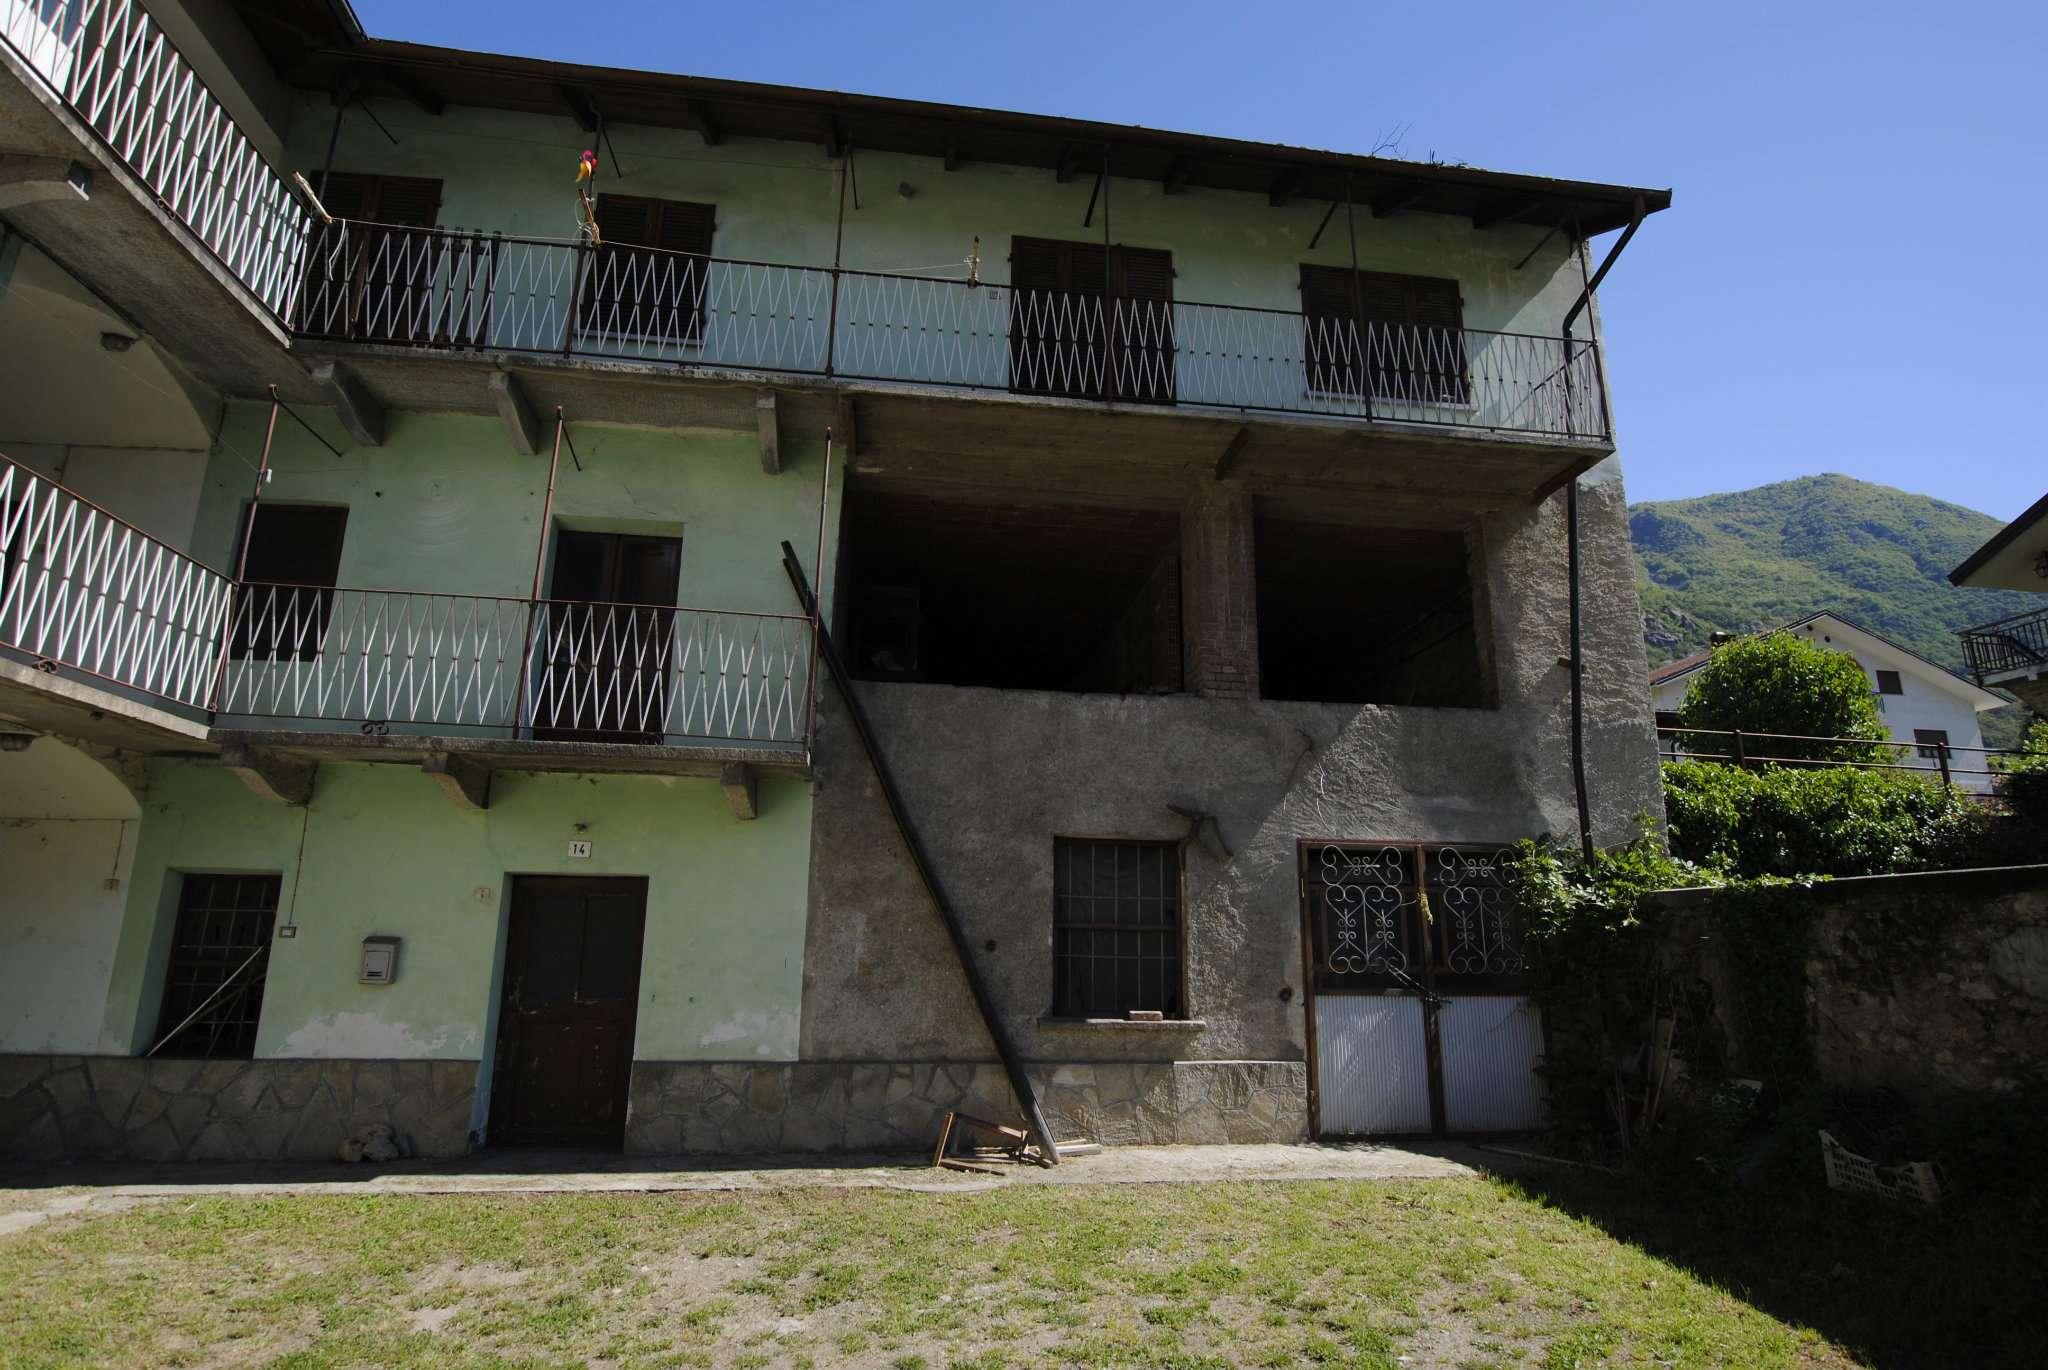 Soluzione Semindipendente in vendita a Borgone Susa, 7 locali, prezzo € 70.000 | Cambio Casa.it